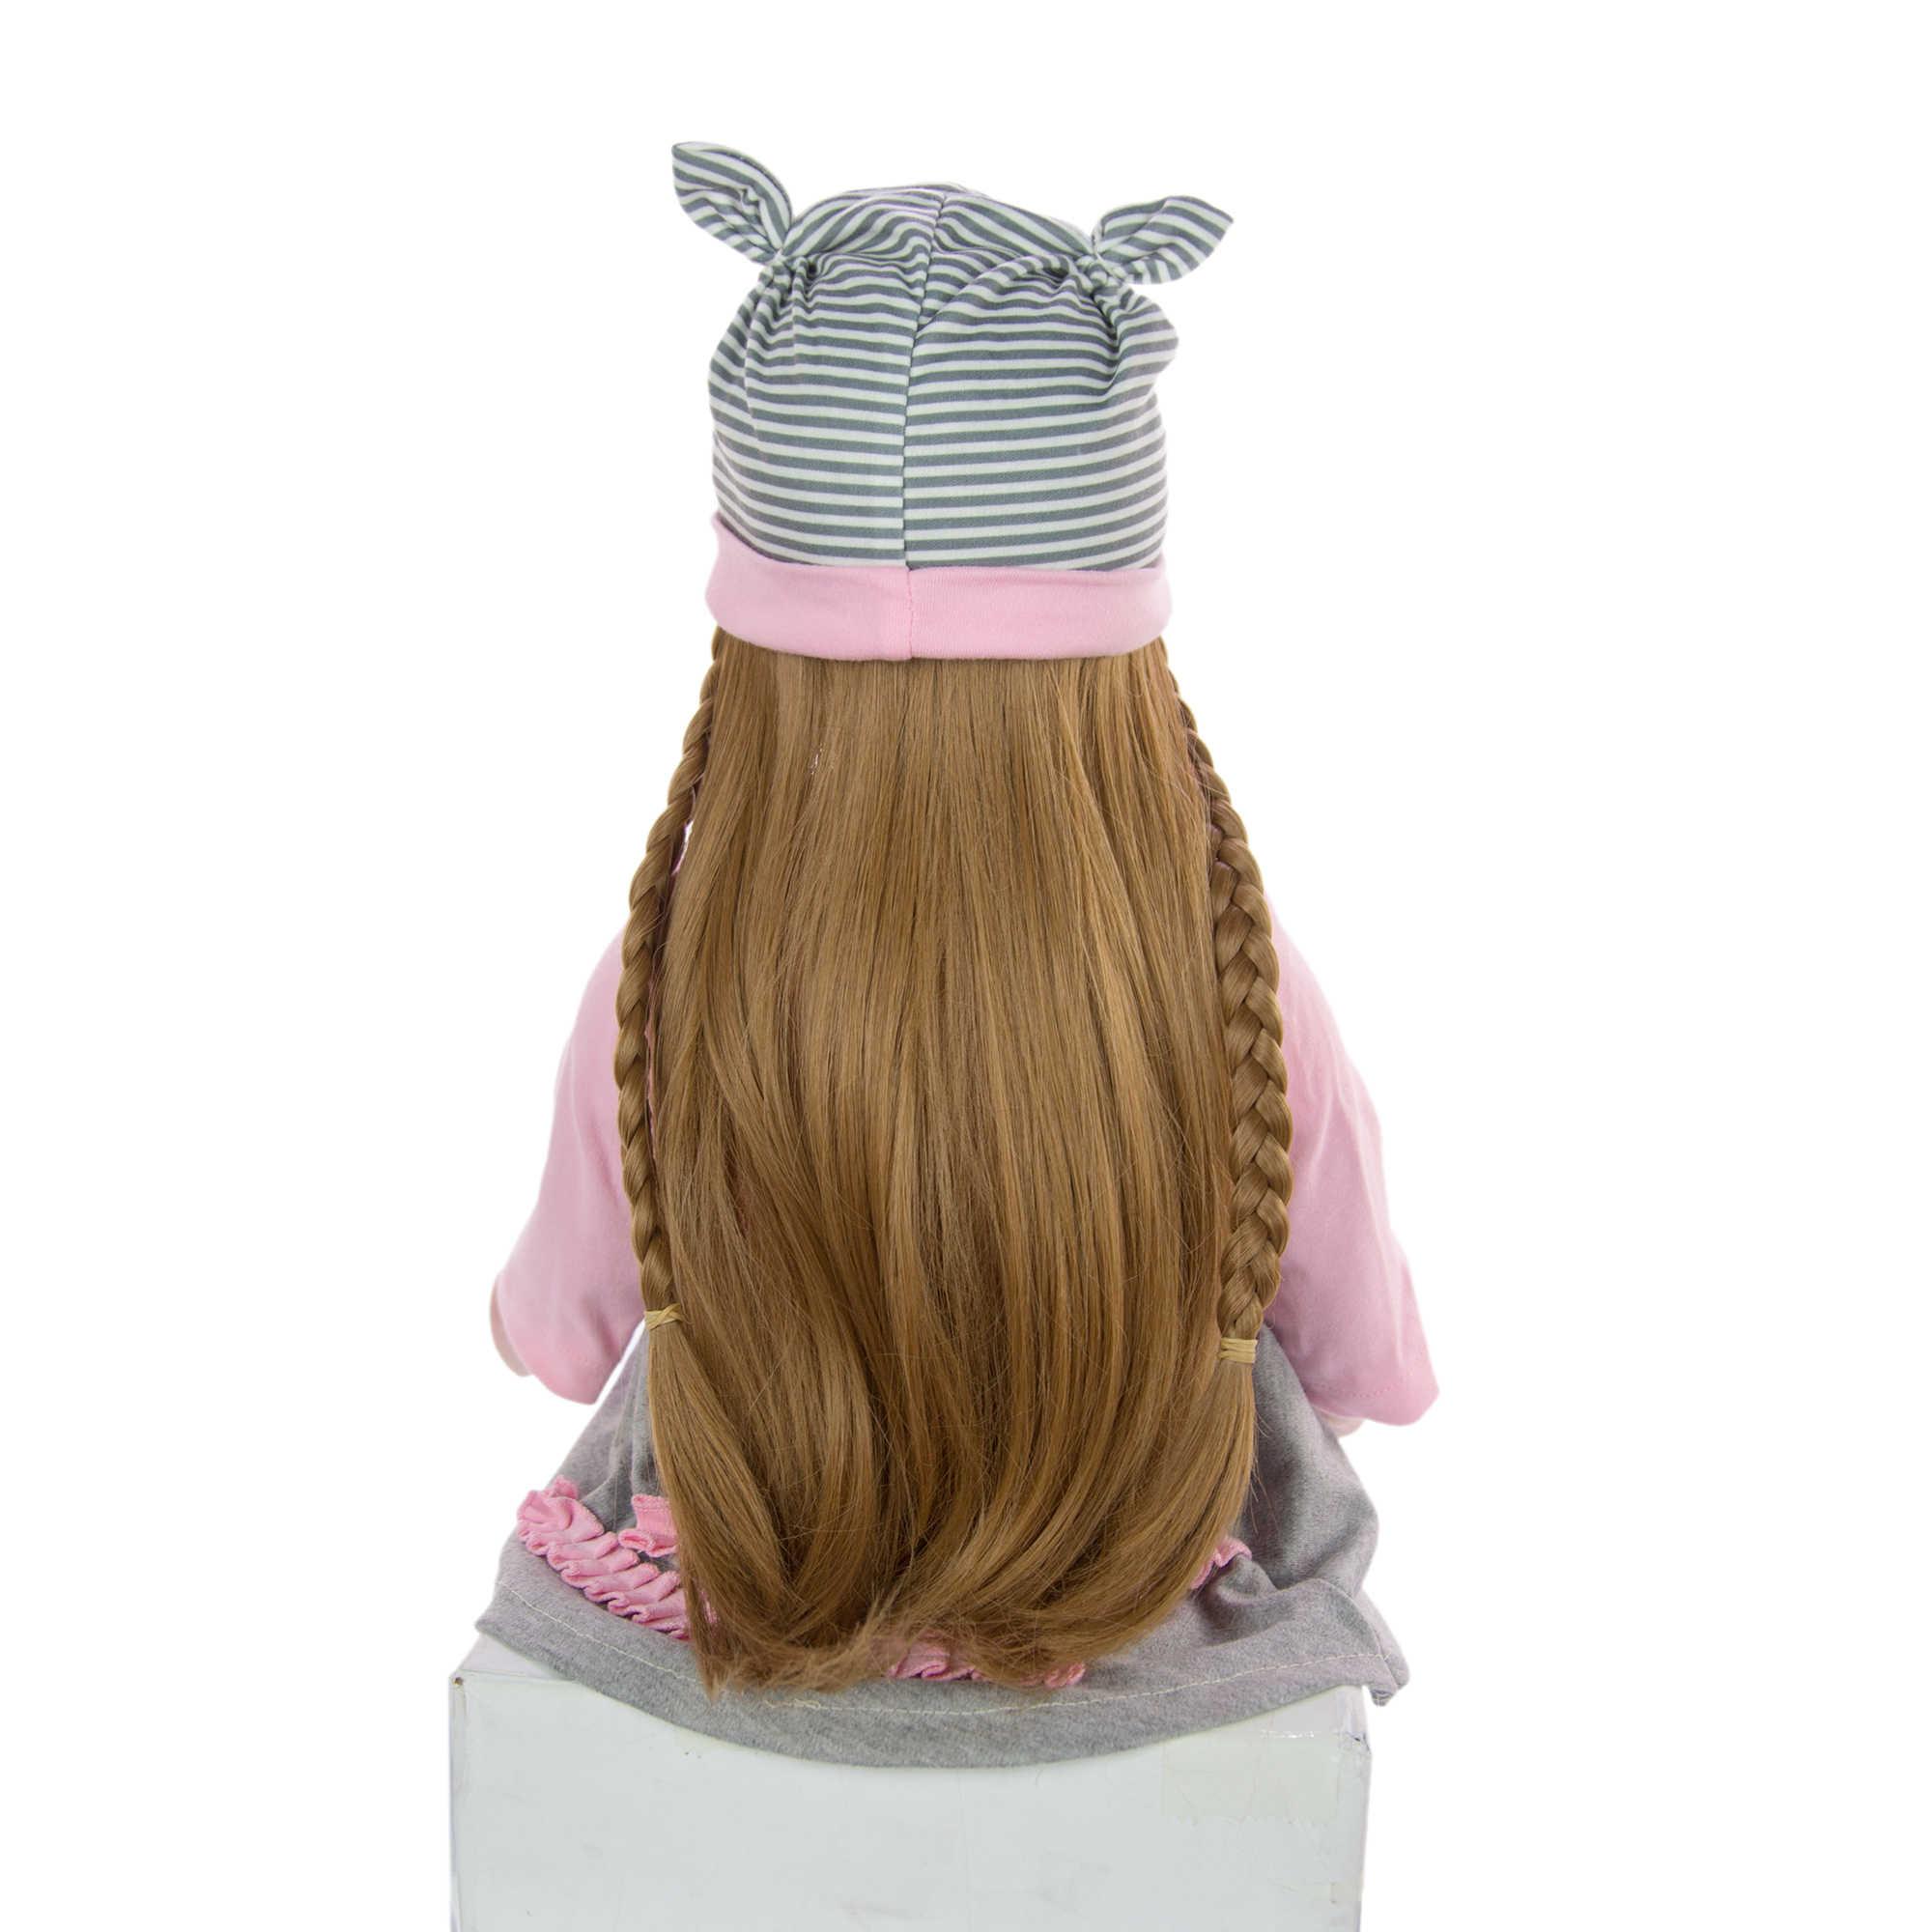 KEIUMI الكرتون تولد من جديد طفلة الدمى 60 سنتيمتر سيليكون جميل طويل الشعر الأميرة جديد الحصري الطفل تولد من جديد الموضة محشوة دمية